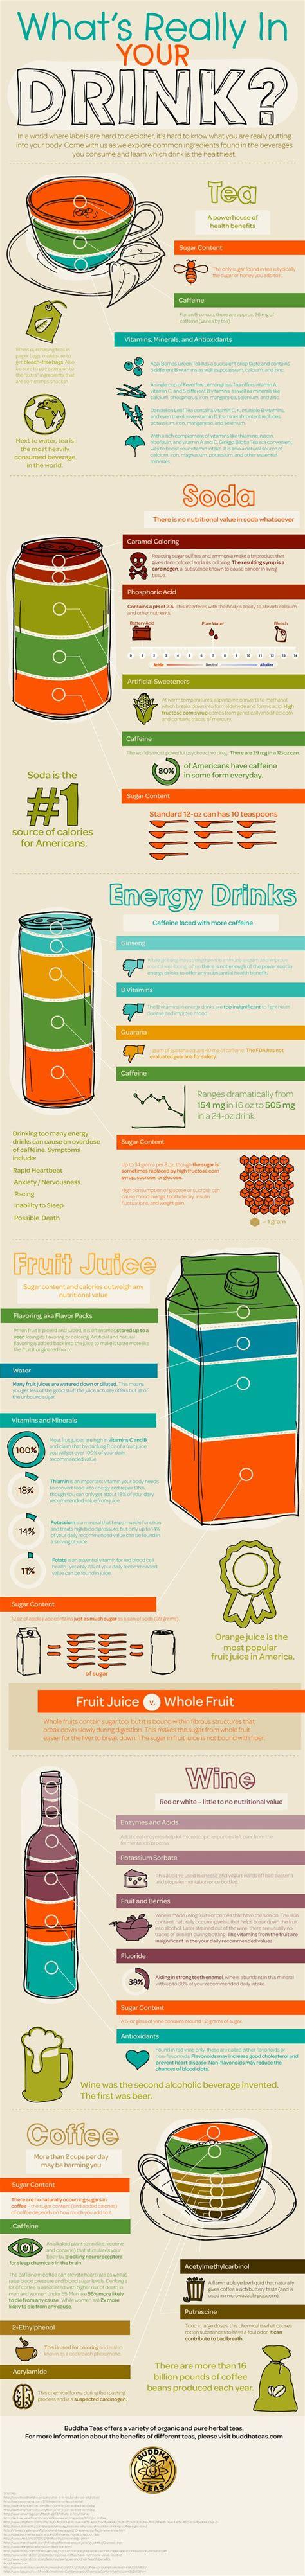 energy drink vs soda tea vs soda vs energy drinks vs juice vs wine vs coffee